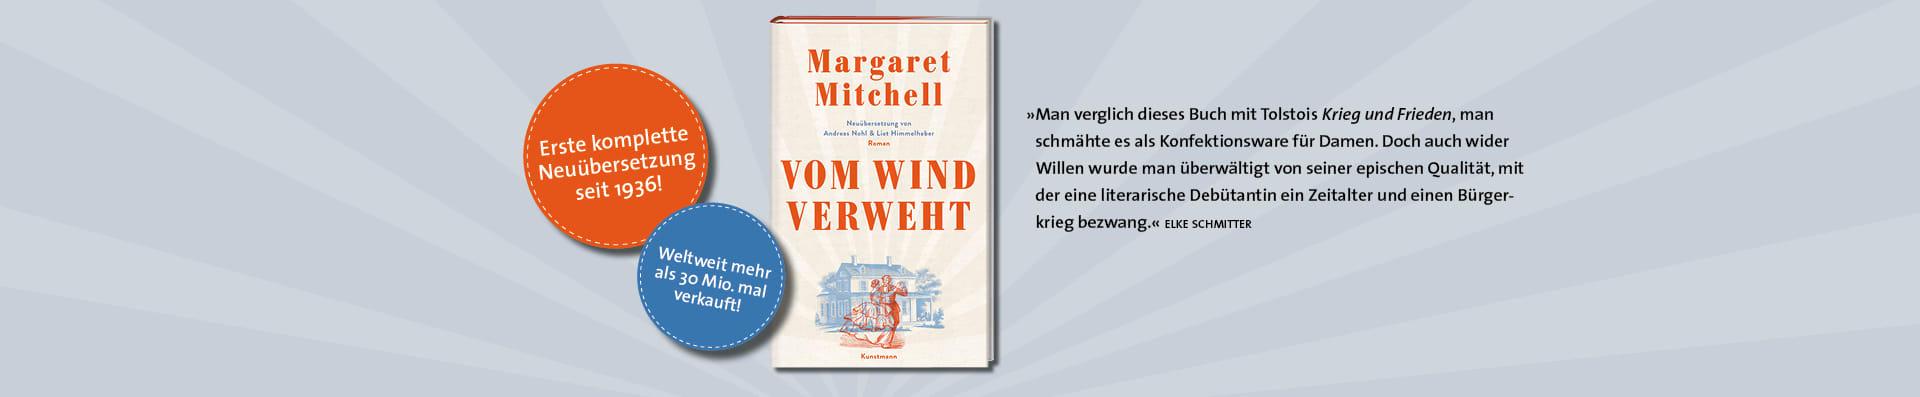 Margaret Mitchell – Vom Wind verweht